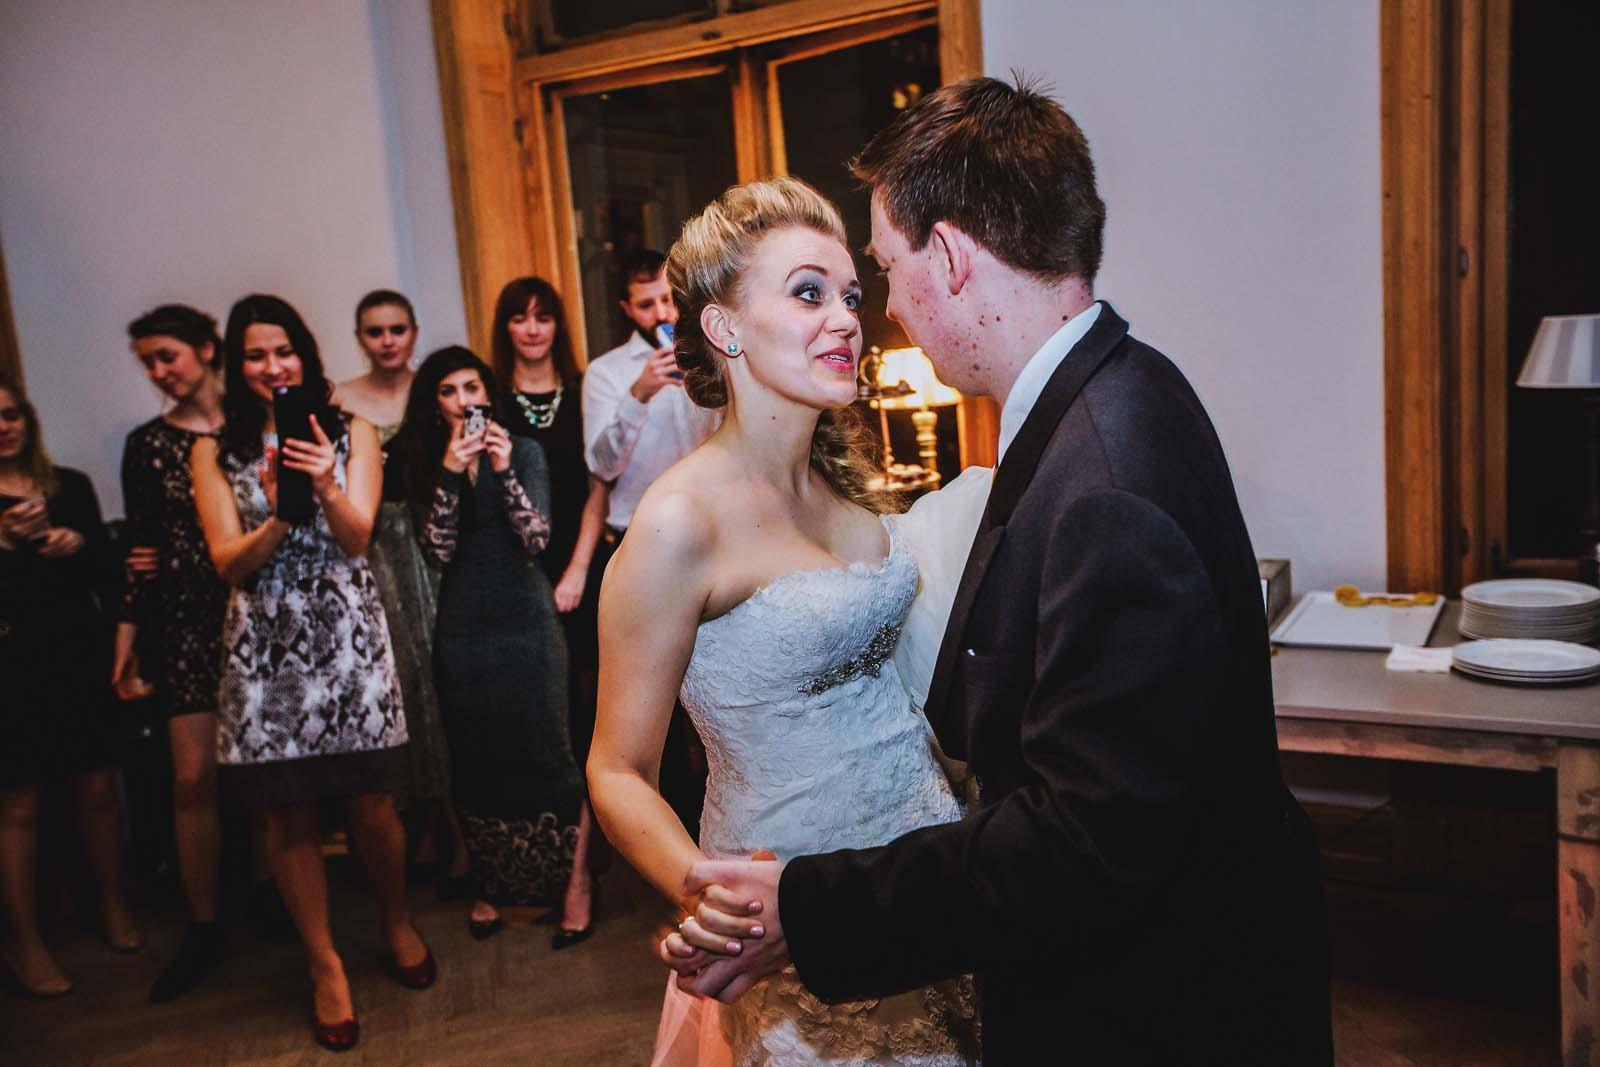 Hochzeitsfotograf begleitet ein Brautpaar beim Tanzen Copyright by Hochzeitsfotograf www.berliner-hochzeitsfotografie.de